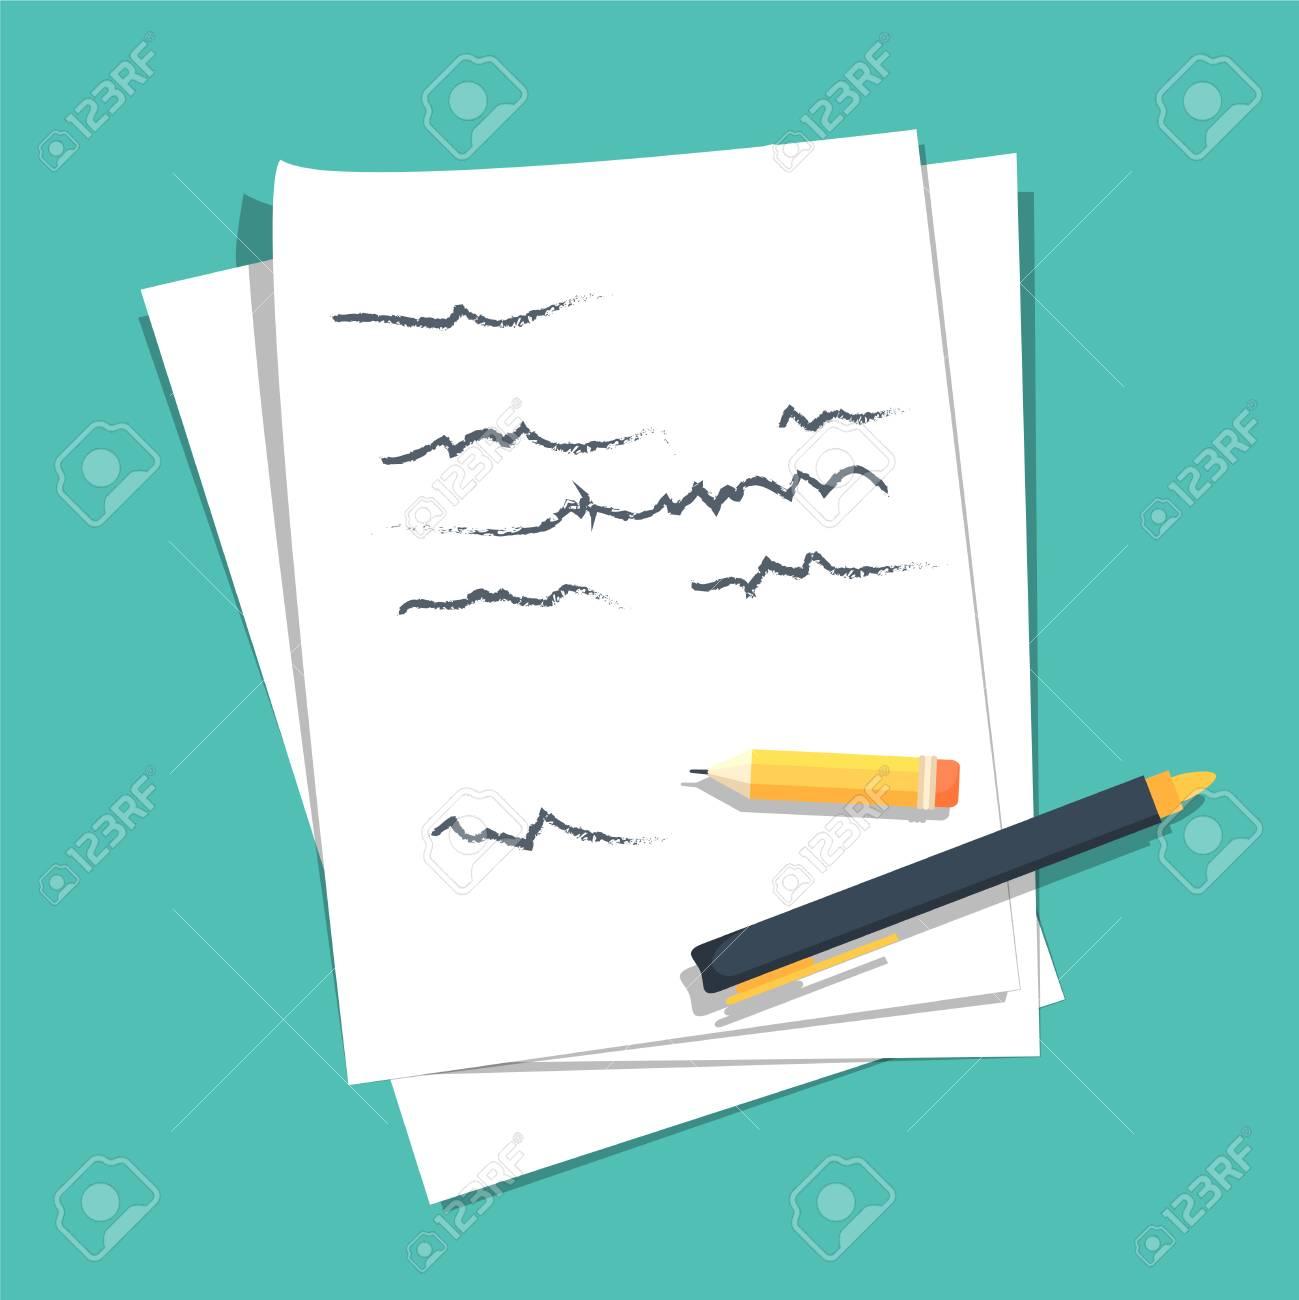 Papierblätter Stapel Mit Abstrakten Geschriebenen Text Mit Feder Und